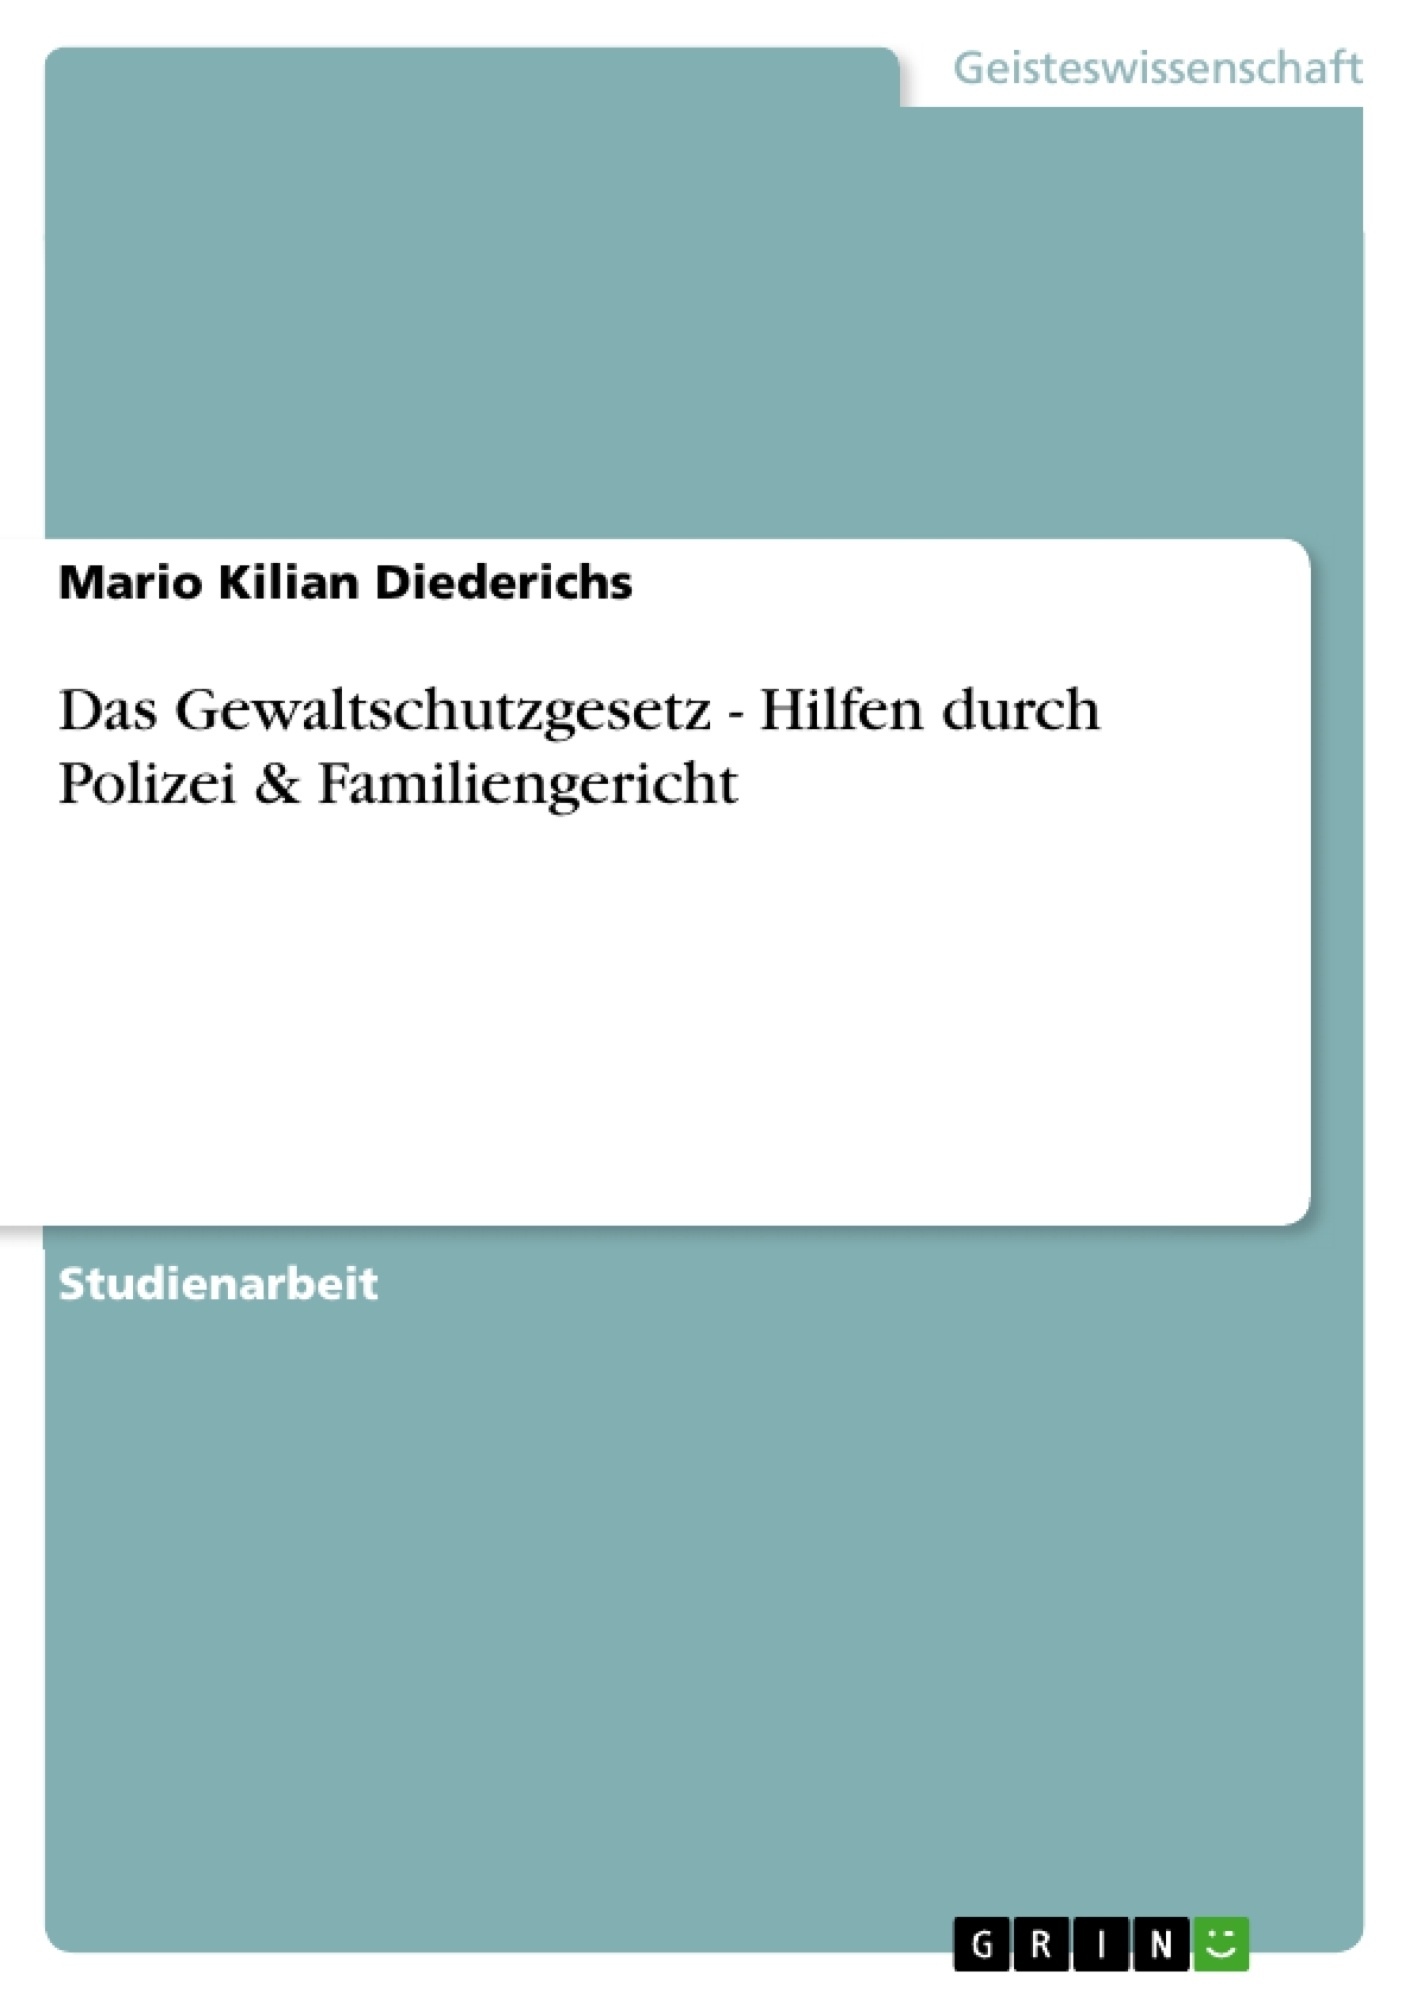 Titel: Das Gewaltschutzgesetz - Hilfen durch Polizei & Familiengericht